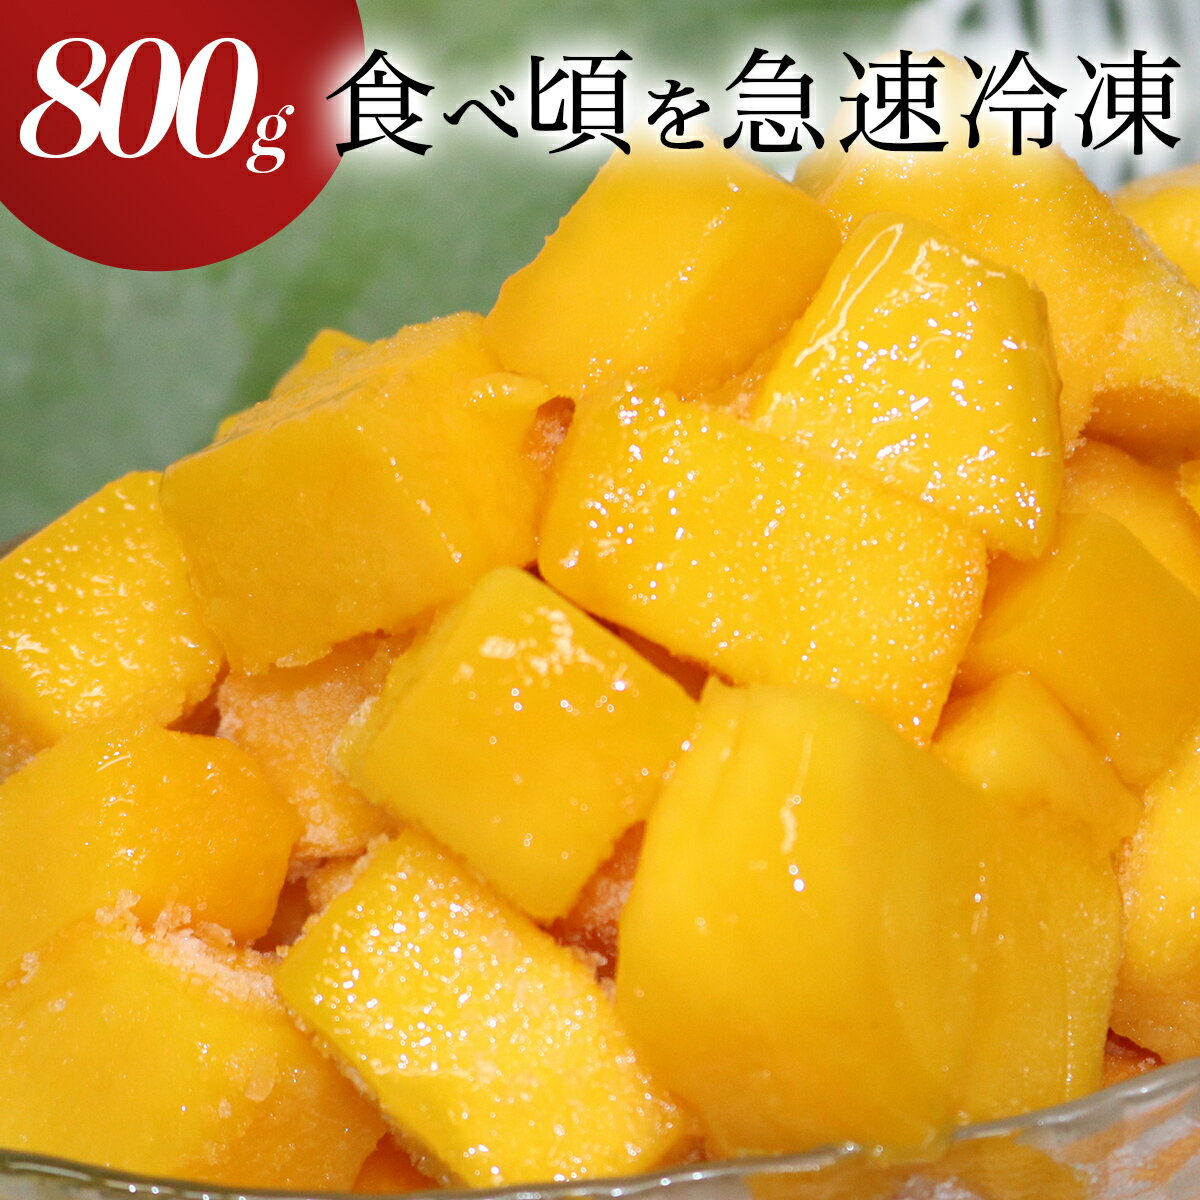 冷凍マンゴー(緑のマンゴーキーツ)